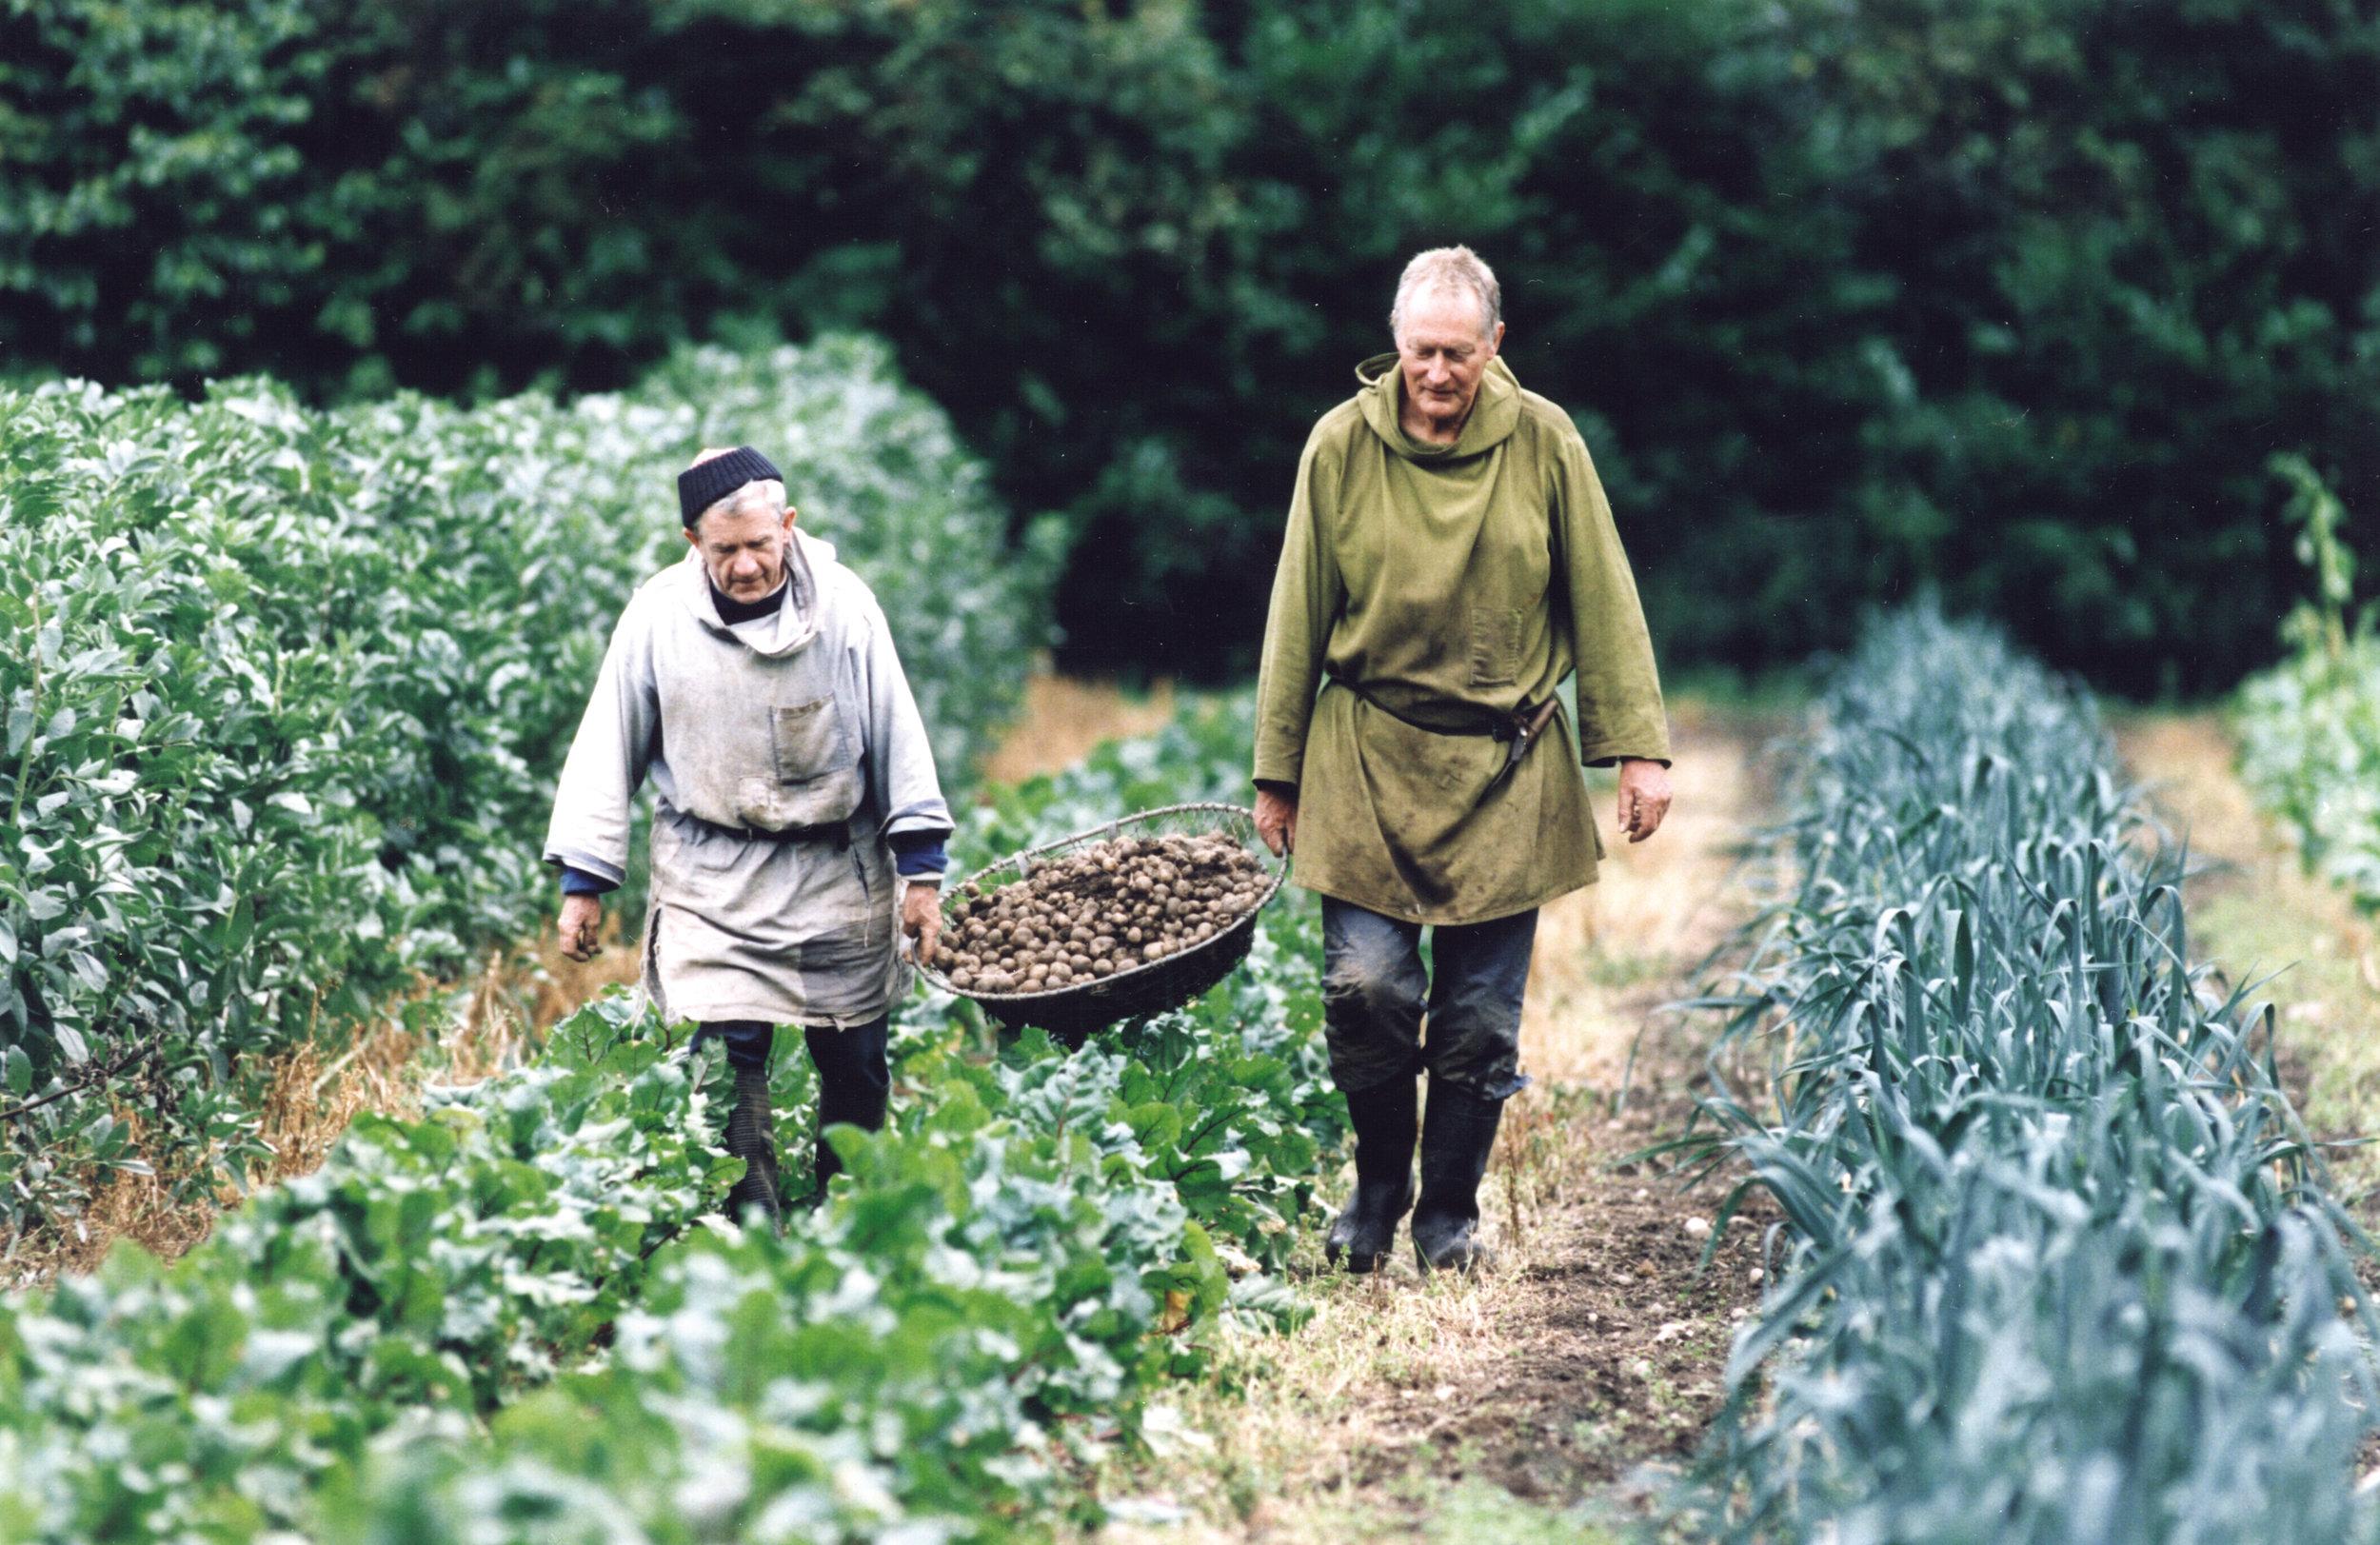 Brs. Adrian & Mungo 1990s.jpg